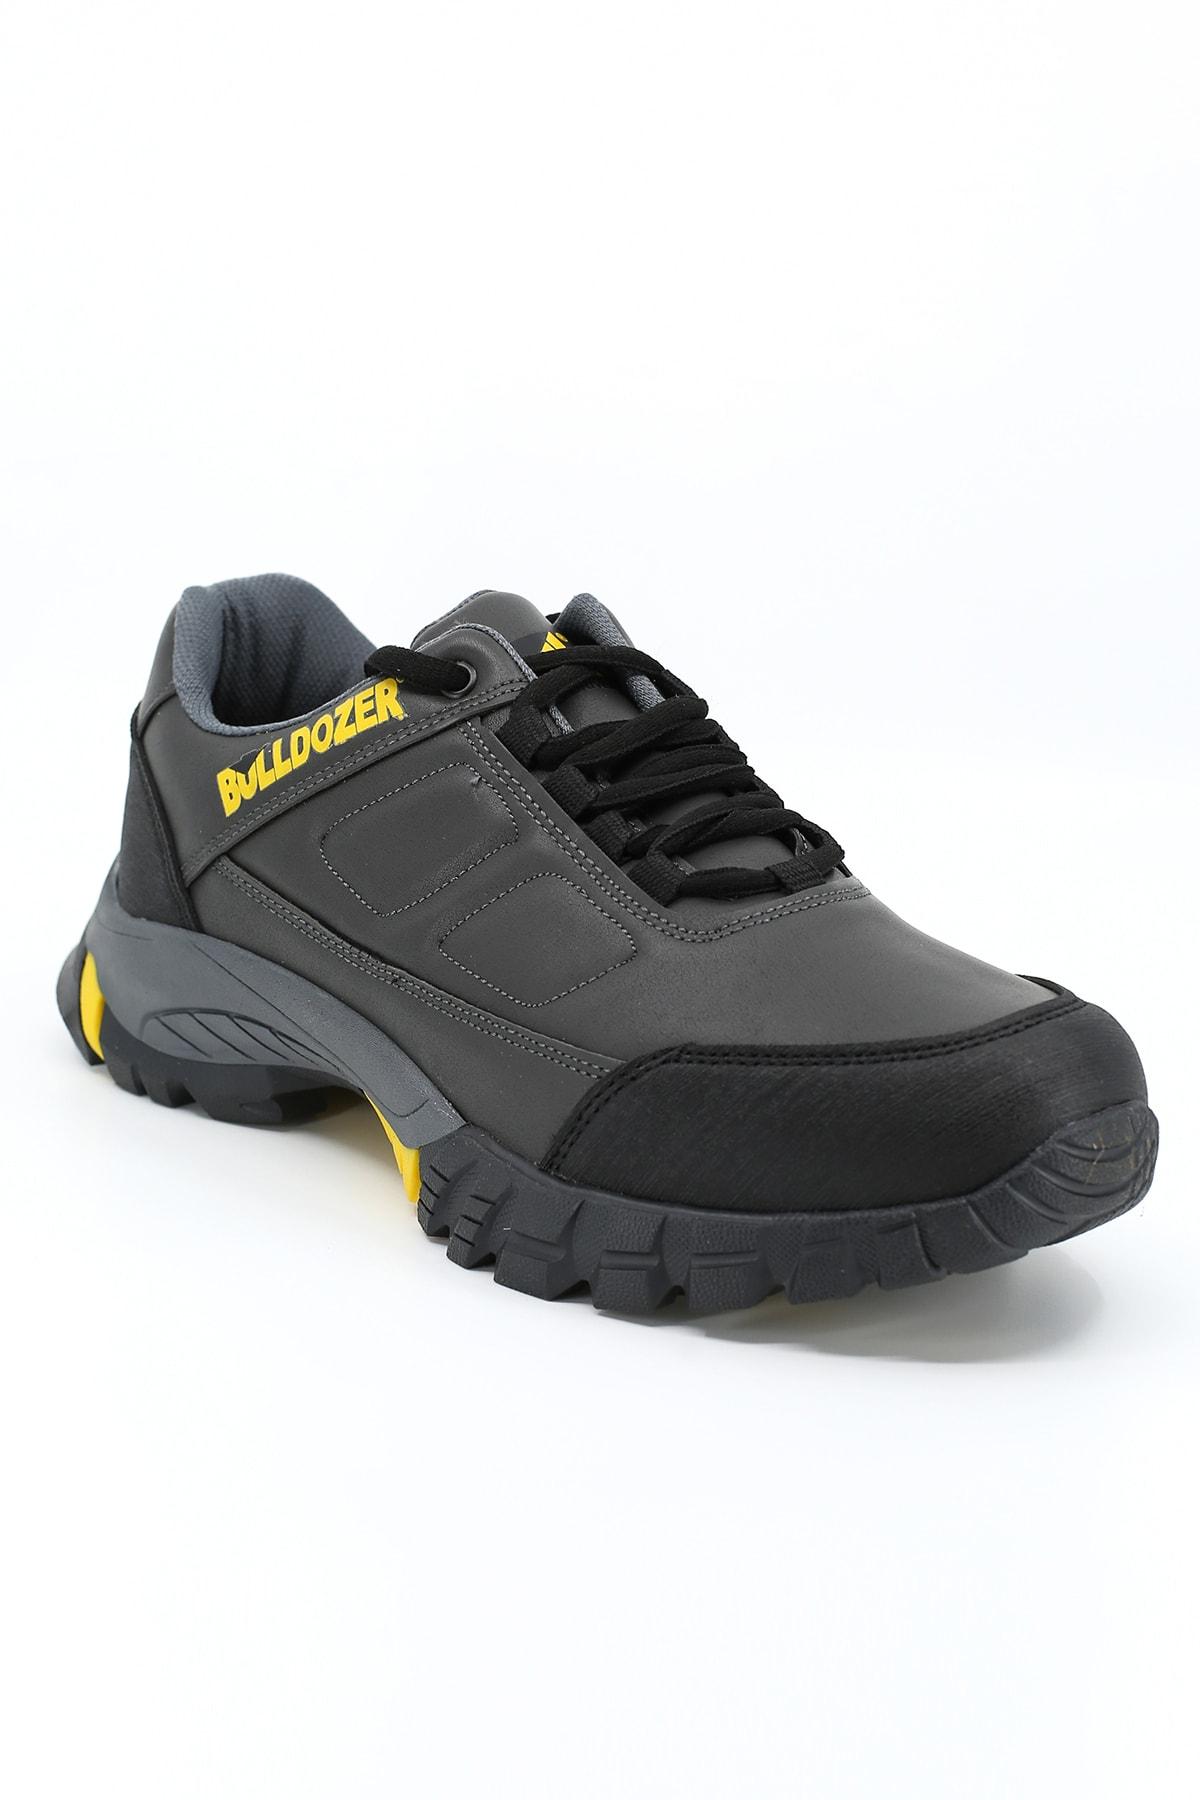 Bulldozer Erkek Outdoor Füme Sarı Ayakkabı 10w4210421 2